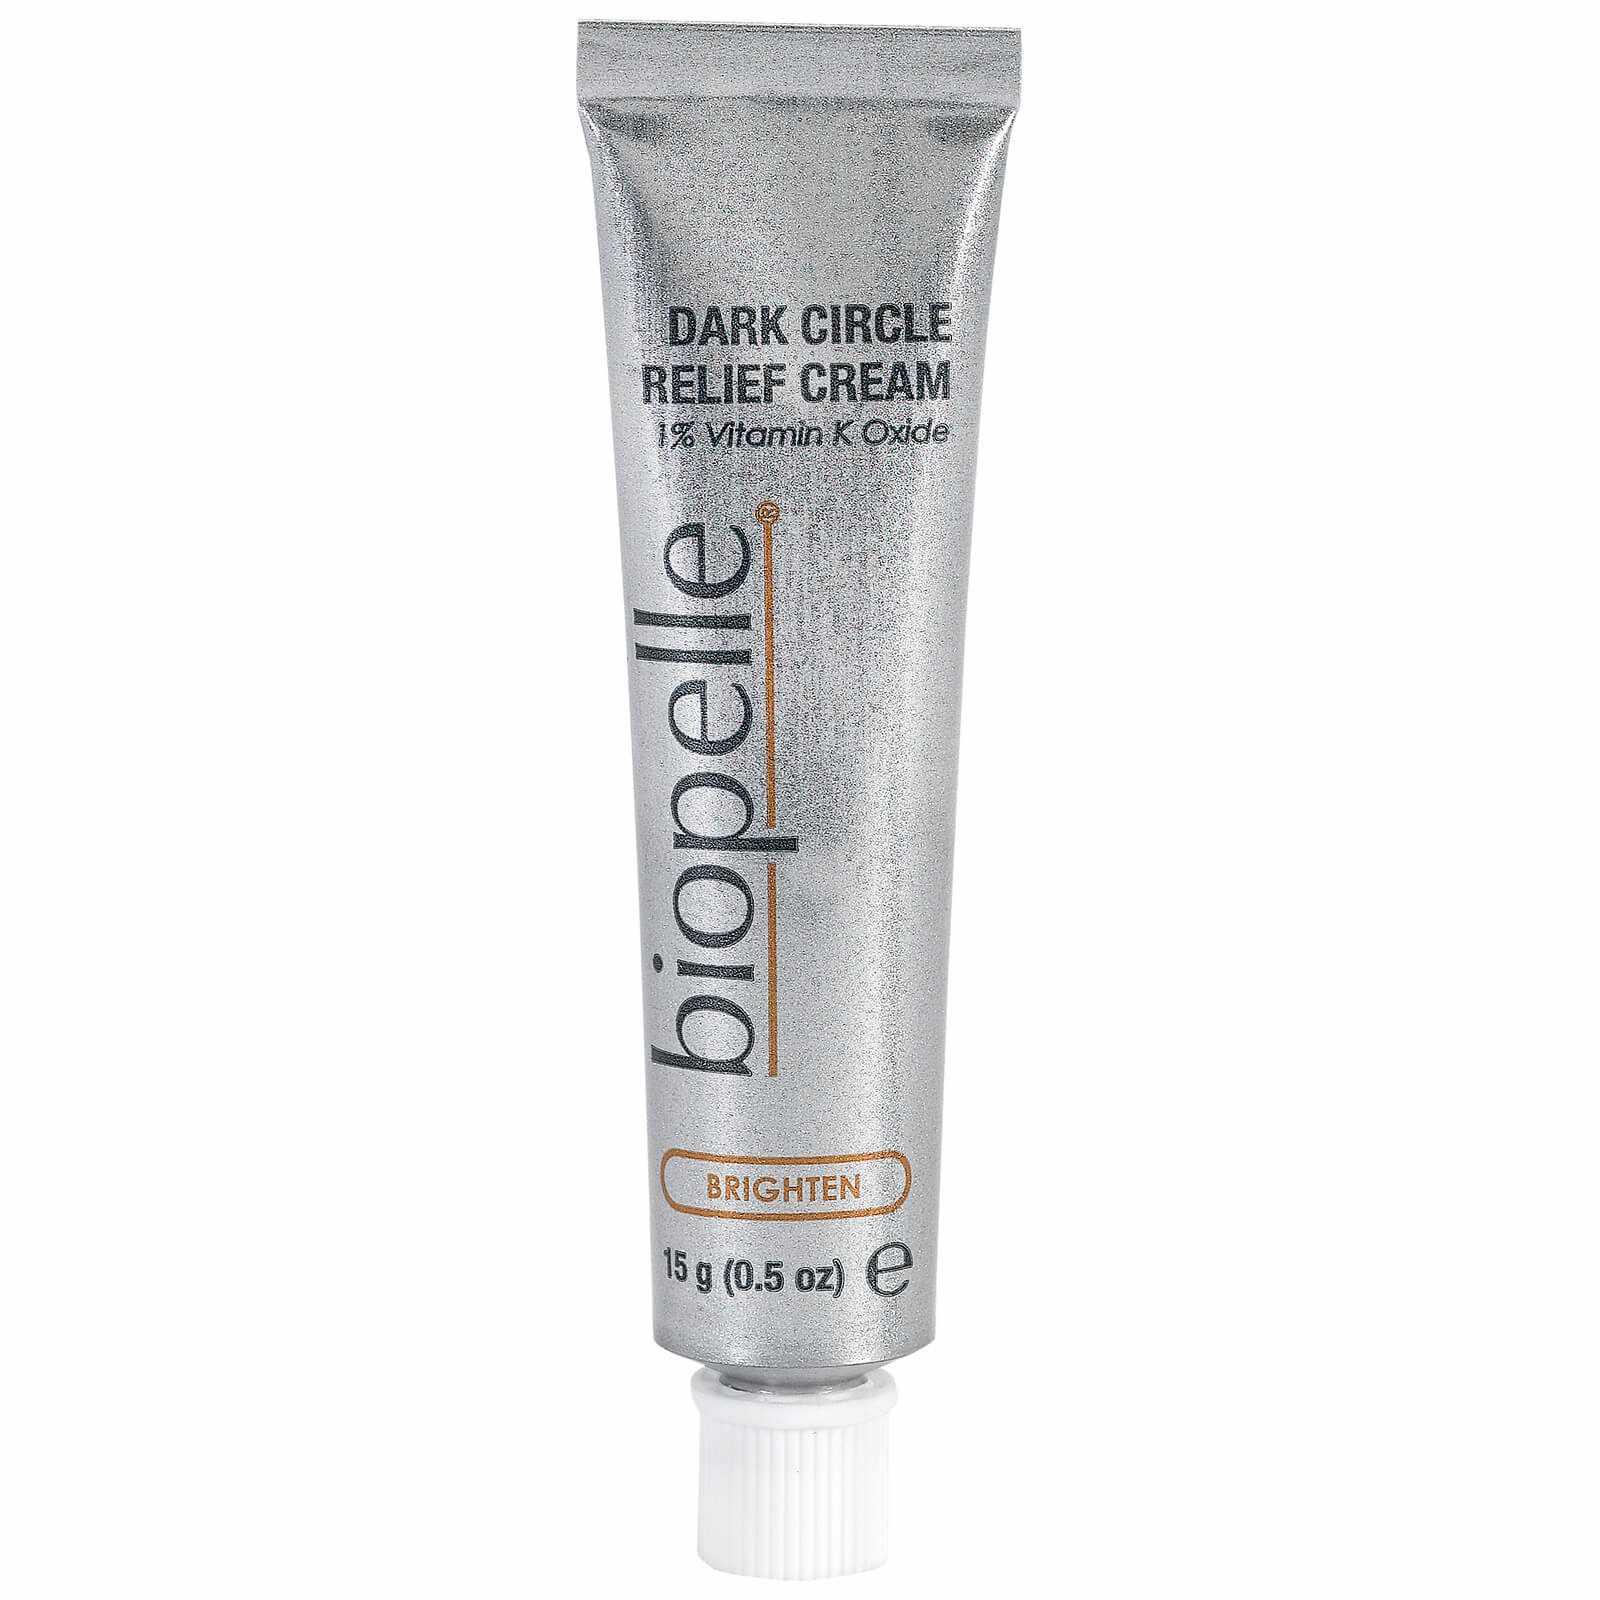 Biopelle dark circle cream